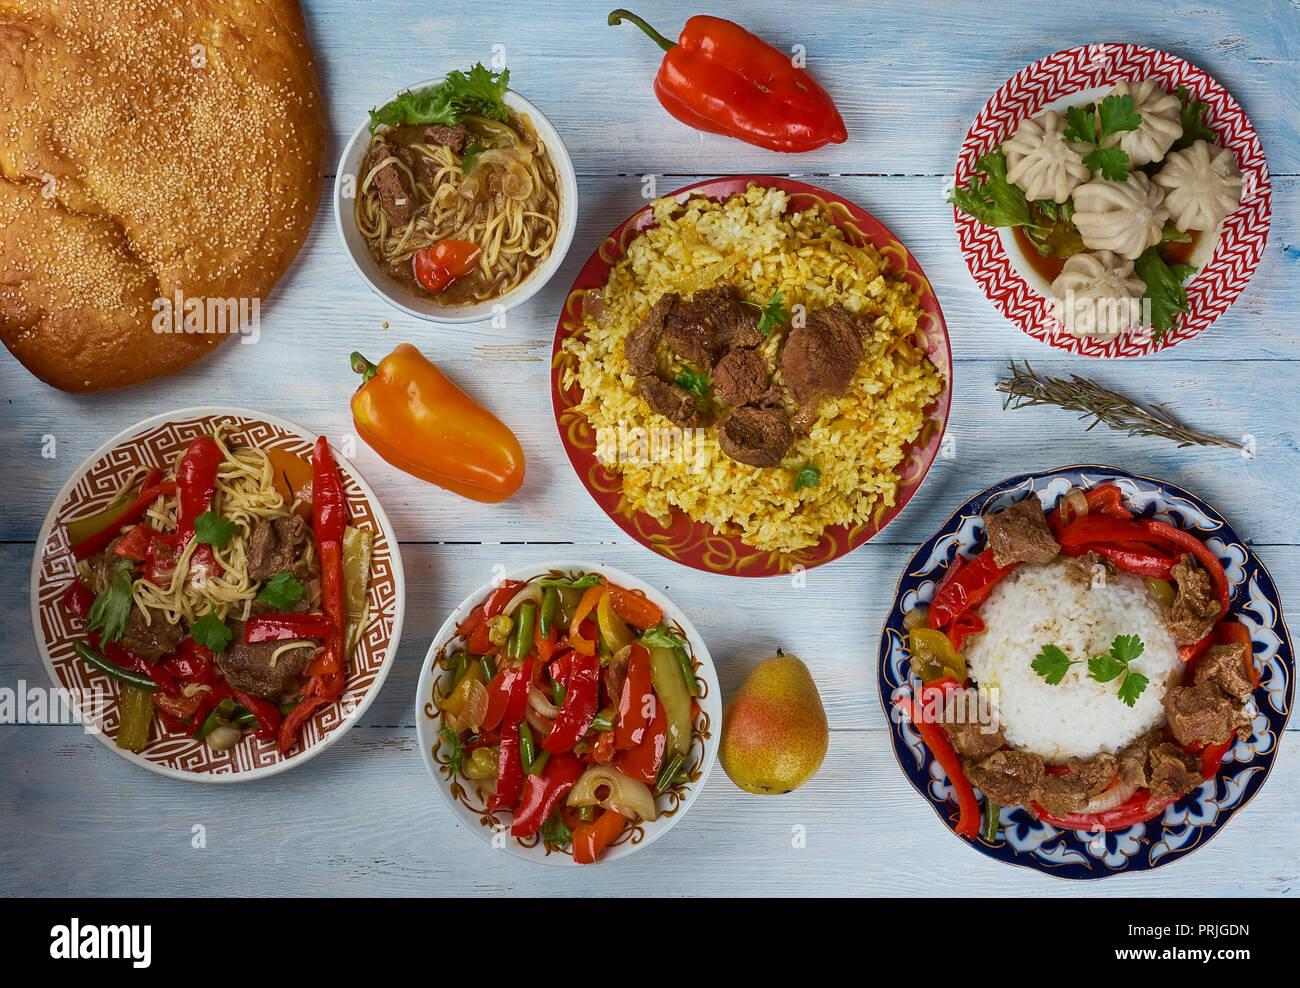 Uigurische Küche, Asien traditionellen verschiedene Gerichte